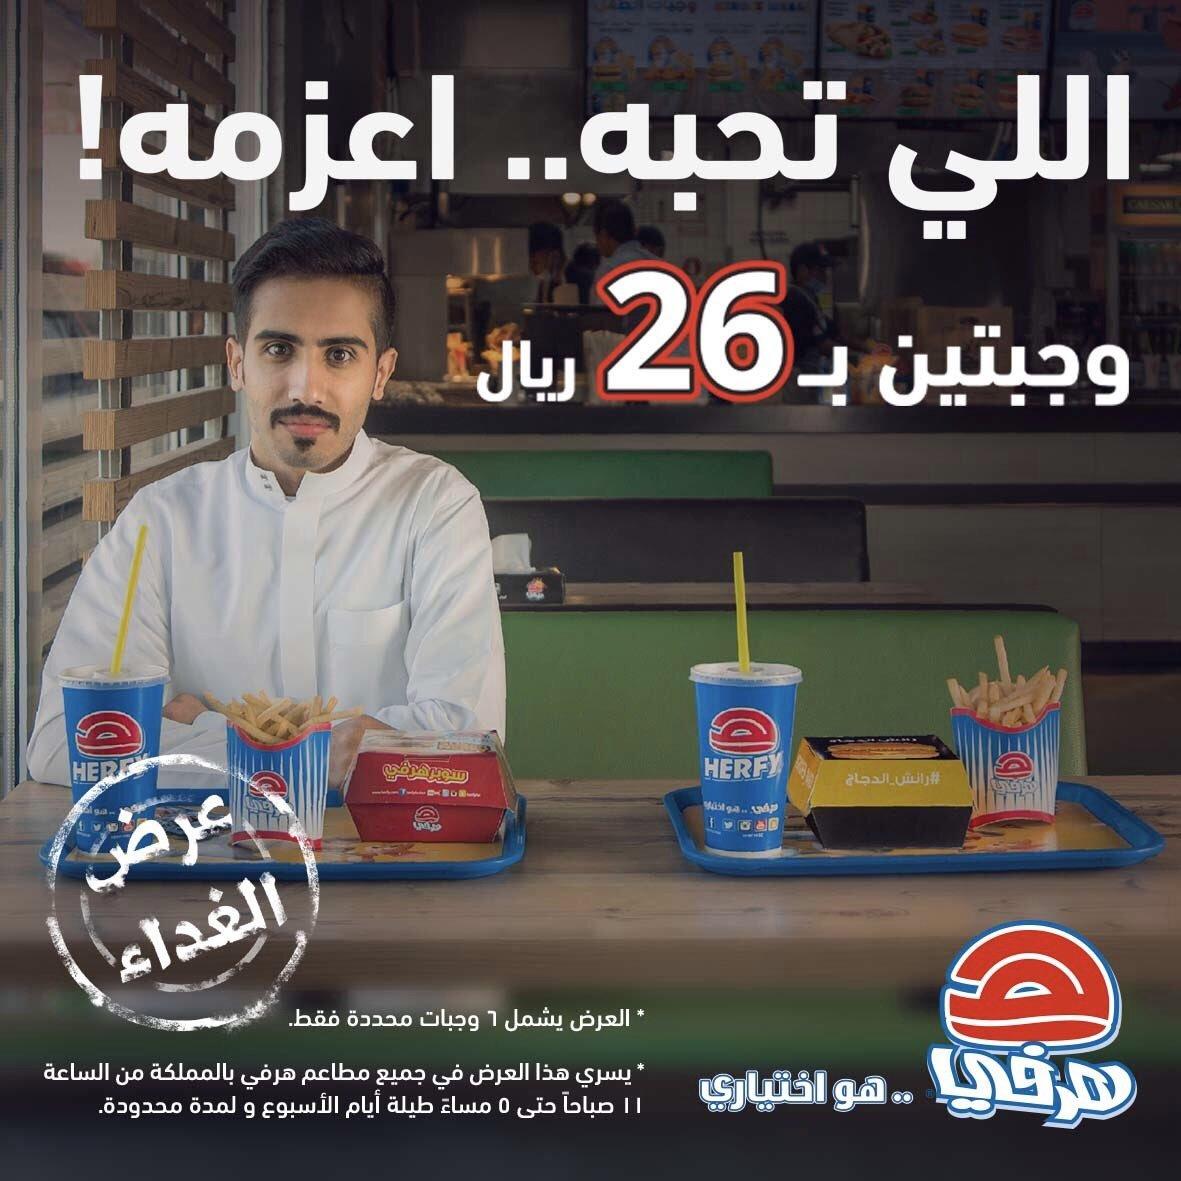 3d32fb253 #عروض هرفي صديقي هرفي يقول لكم ازهلوا موضوع الغداء.. انت واللي يعز عليك  وجبتين بـ26 ريال #خصومات #توفير #مطاعم #اسواق #السعودية #فرصتك ...